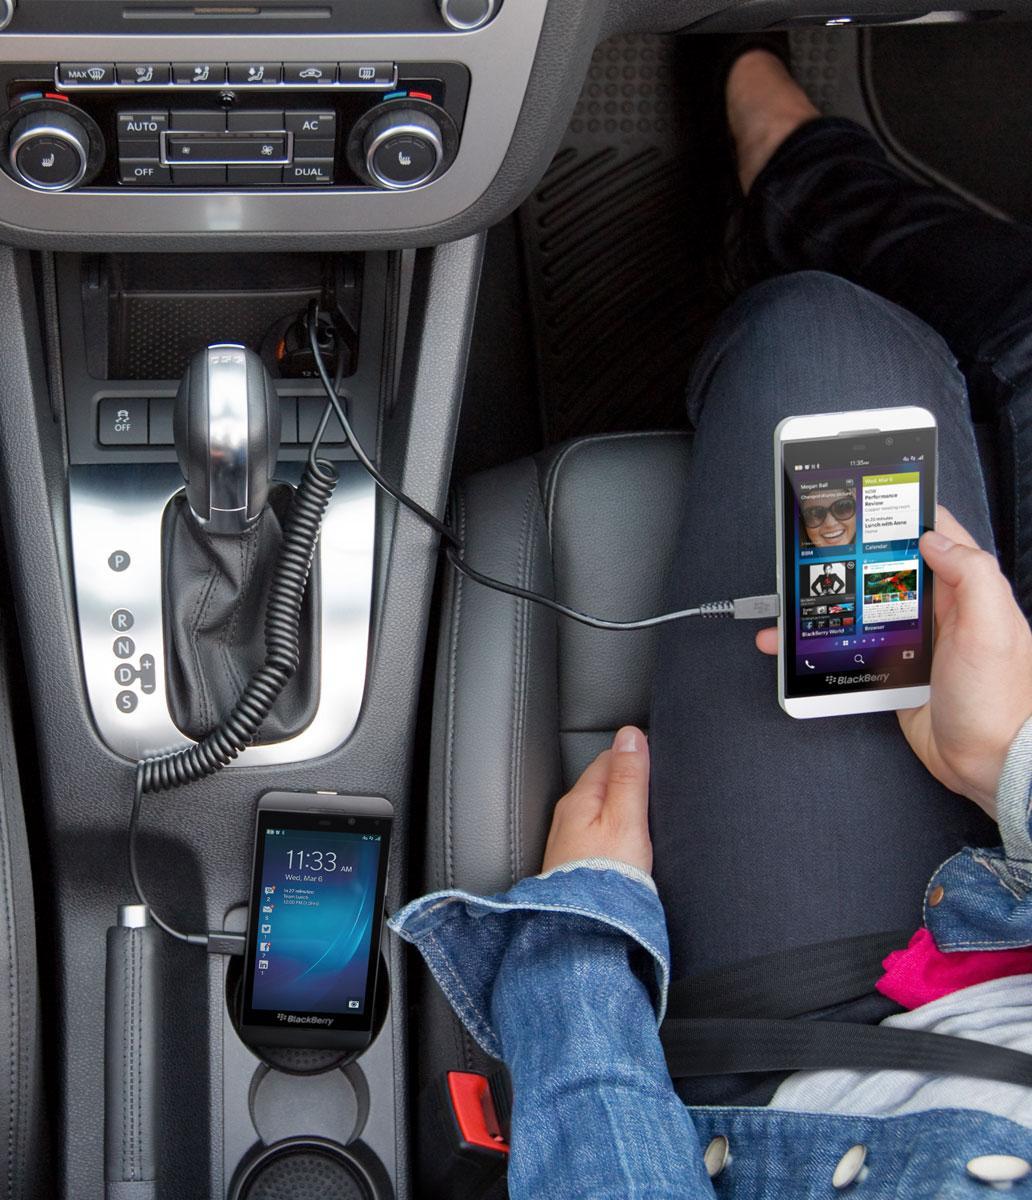 BlackBerry Z10 conectado al cargador del coche